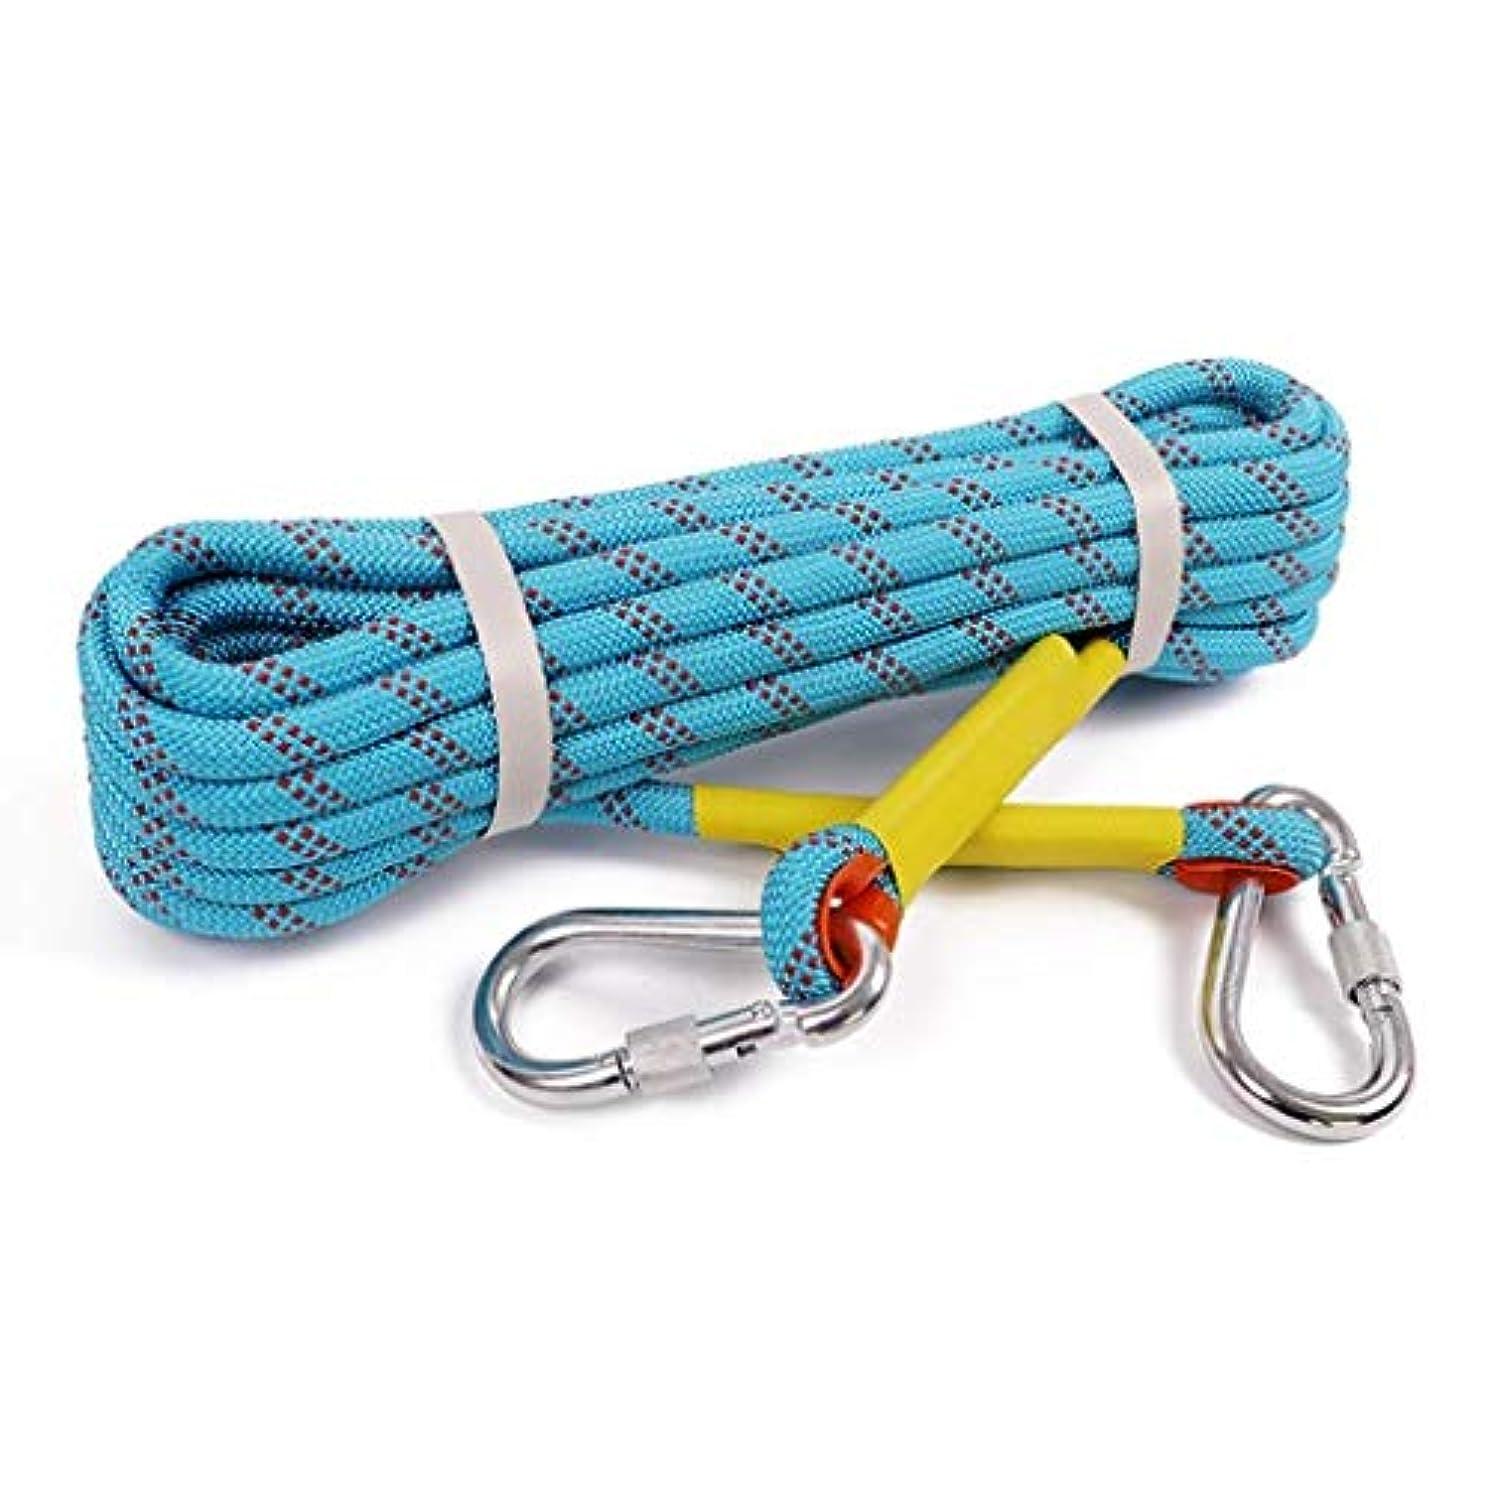 艦隊騒扇動する登山ロープの家の火の緊急脱出ロープ、ハイキングの洞窟探検のキャンプの救助調査および工学保護のための多機能のコードの安全ロープ。 (Color : 青, Size : 10m*8mm)